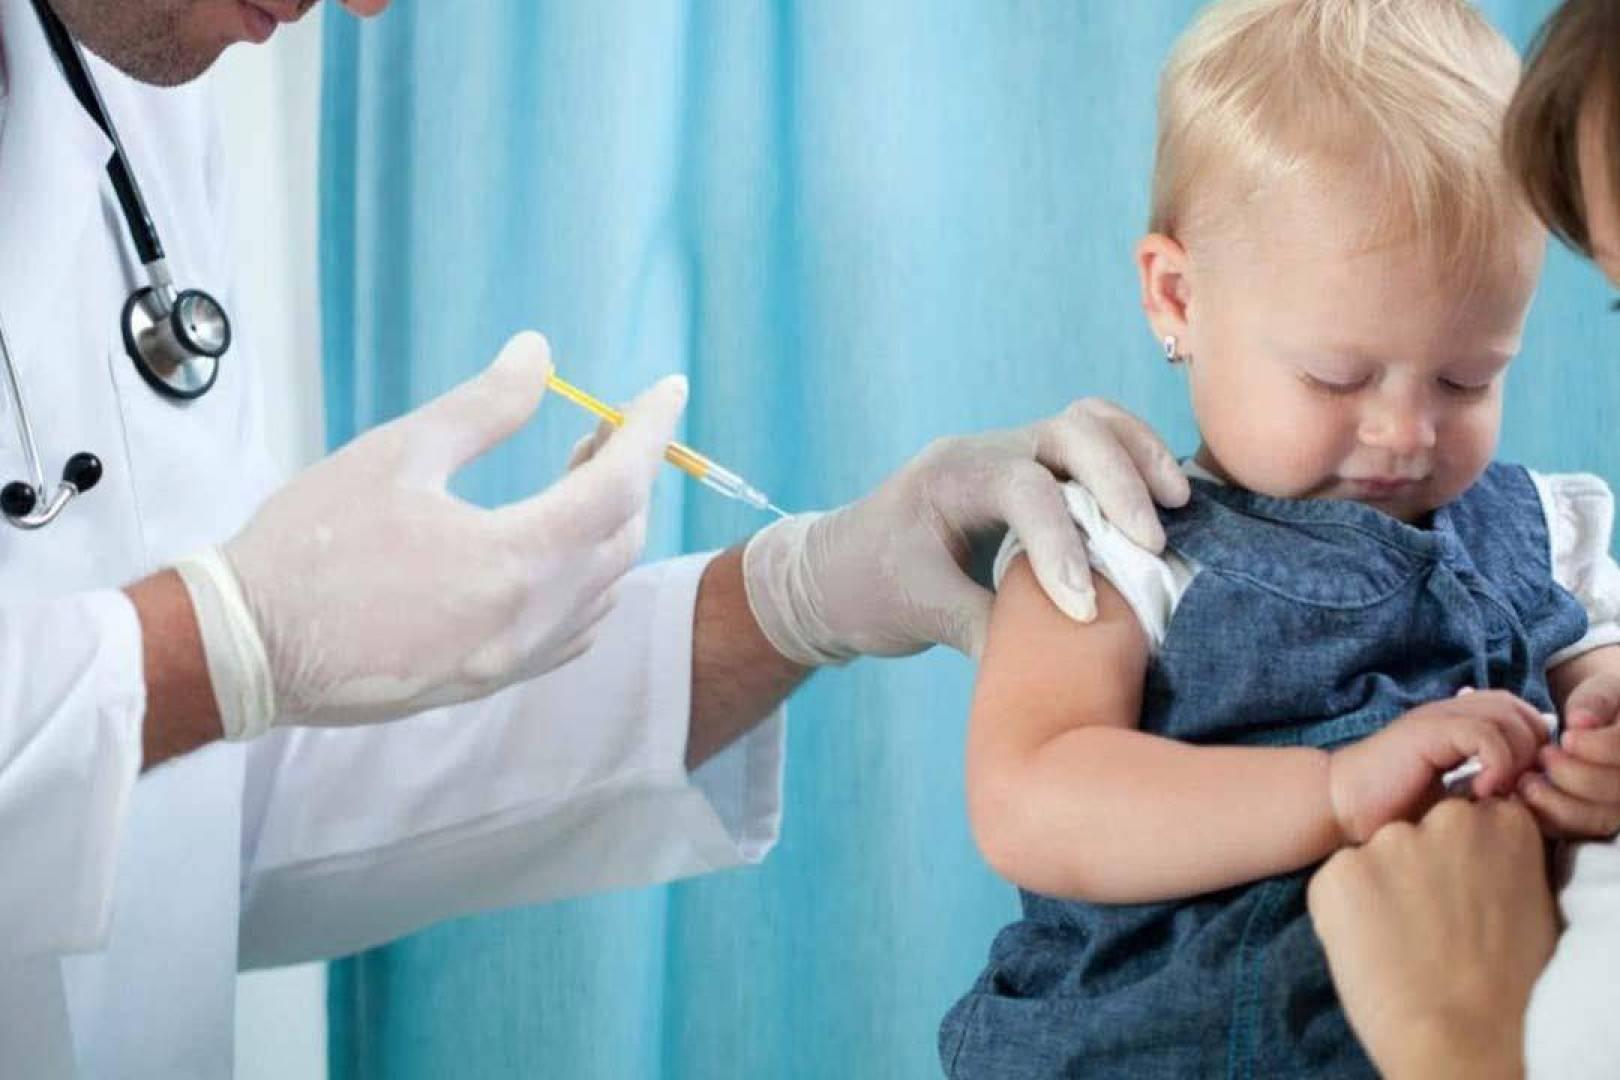 الصحة العالمية: 80 مليون طفل مهددون بأمراض خطيرة